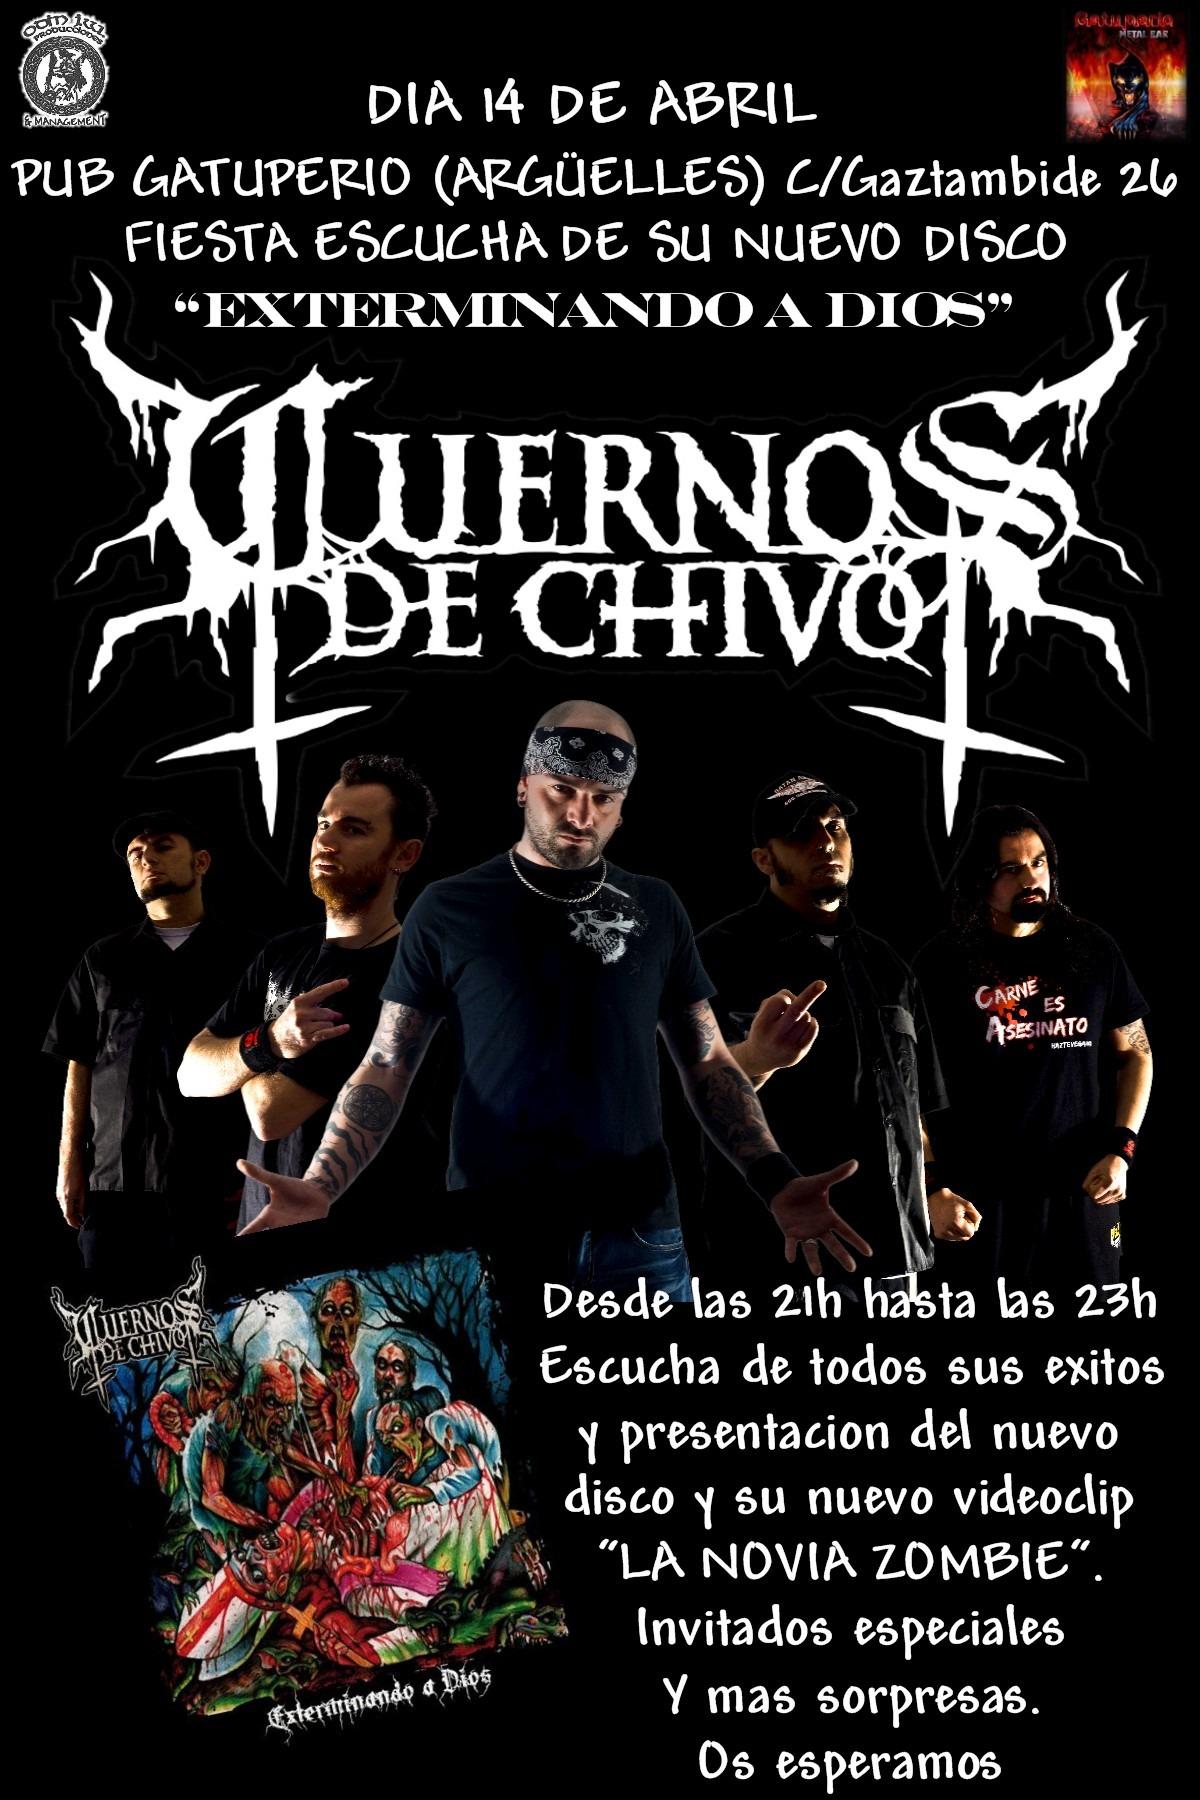 Presentacion nuevo disco de CUERNOS DE CHIVO